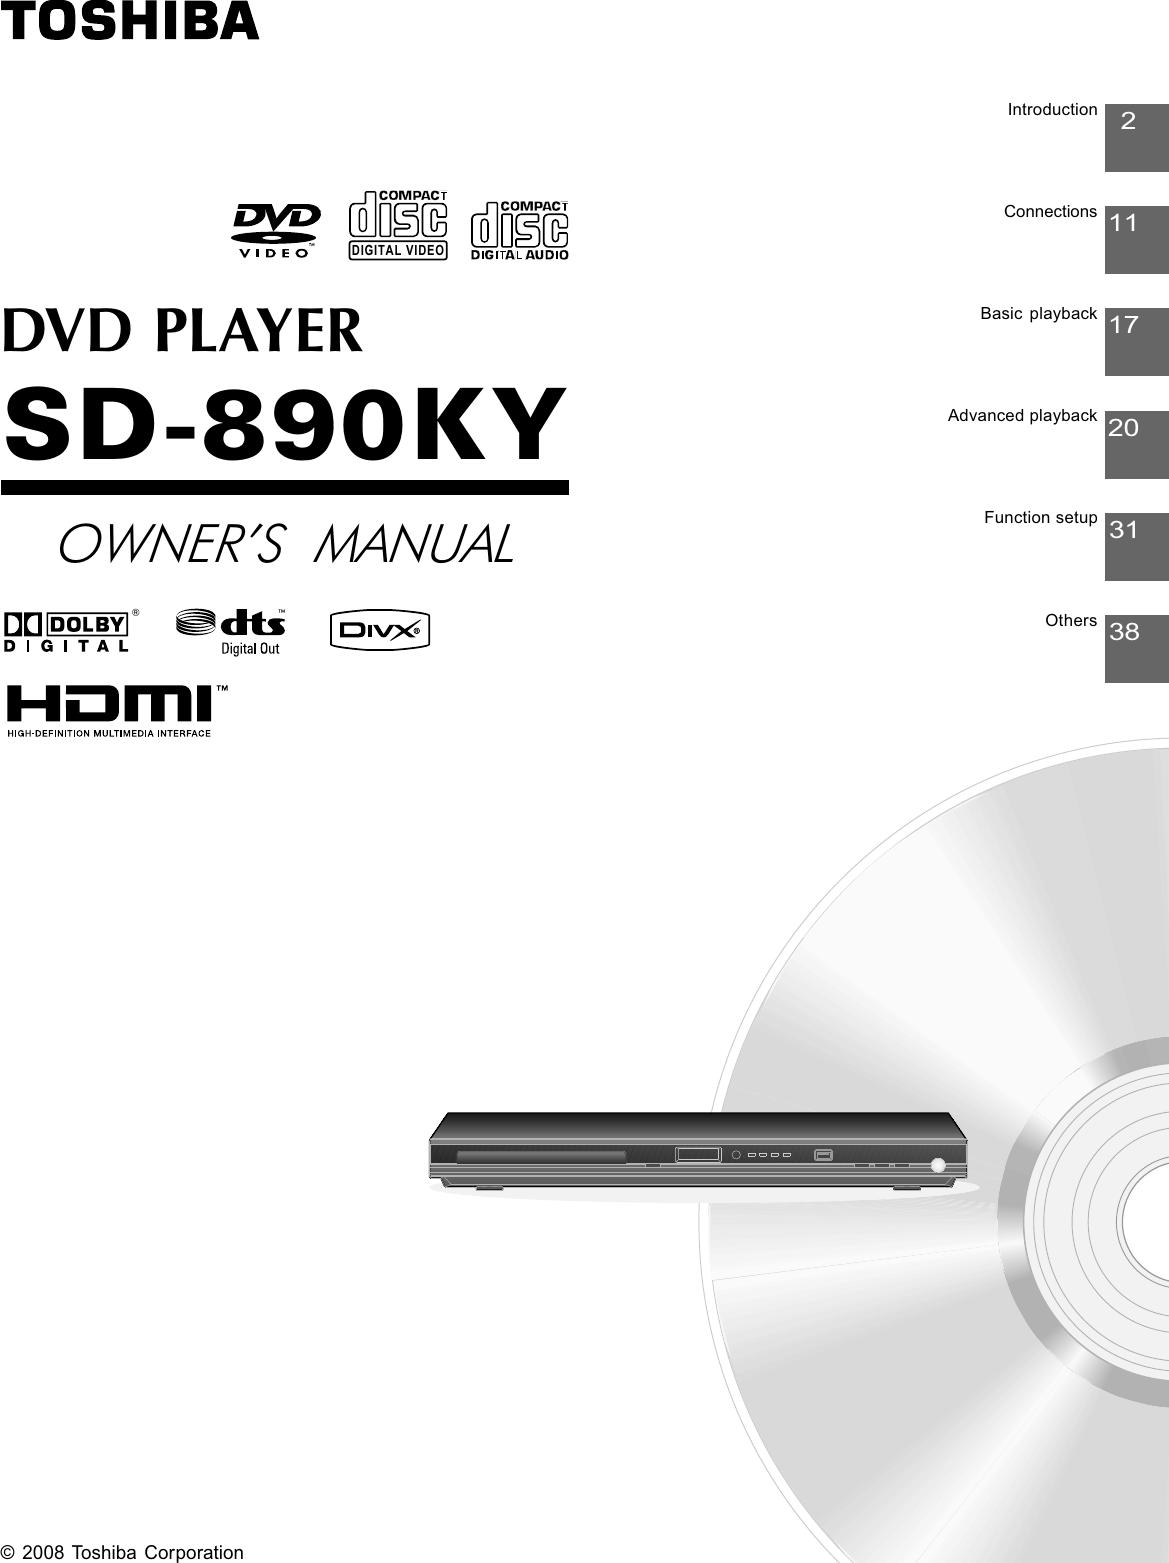 toshiba dvd player user manual